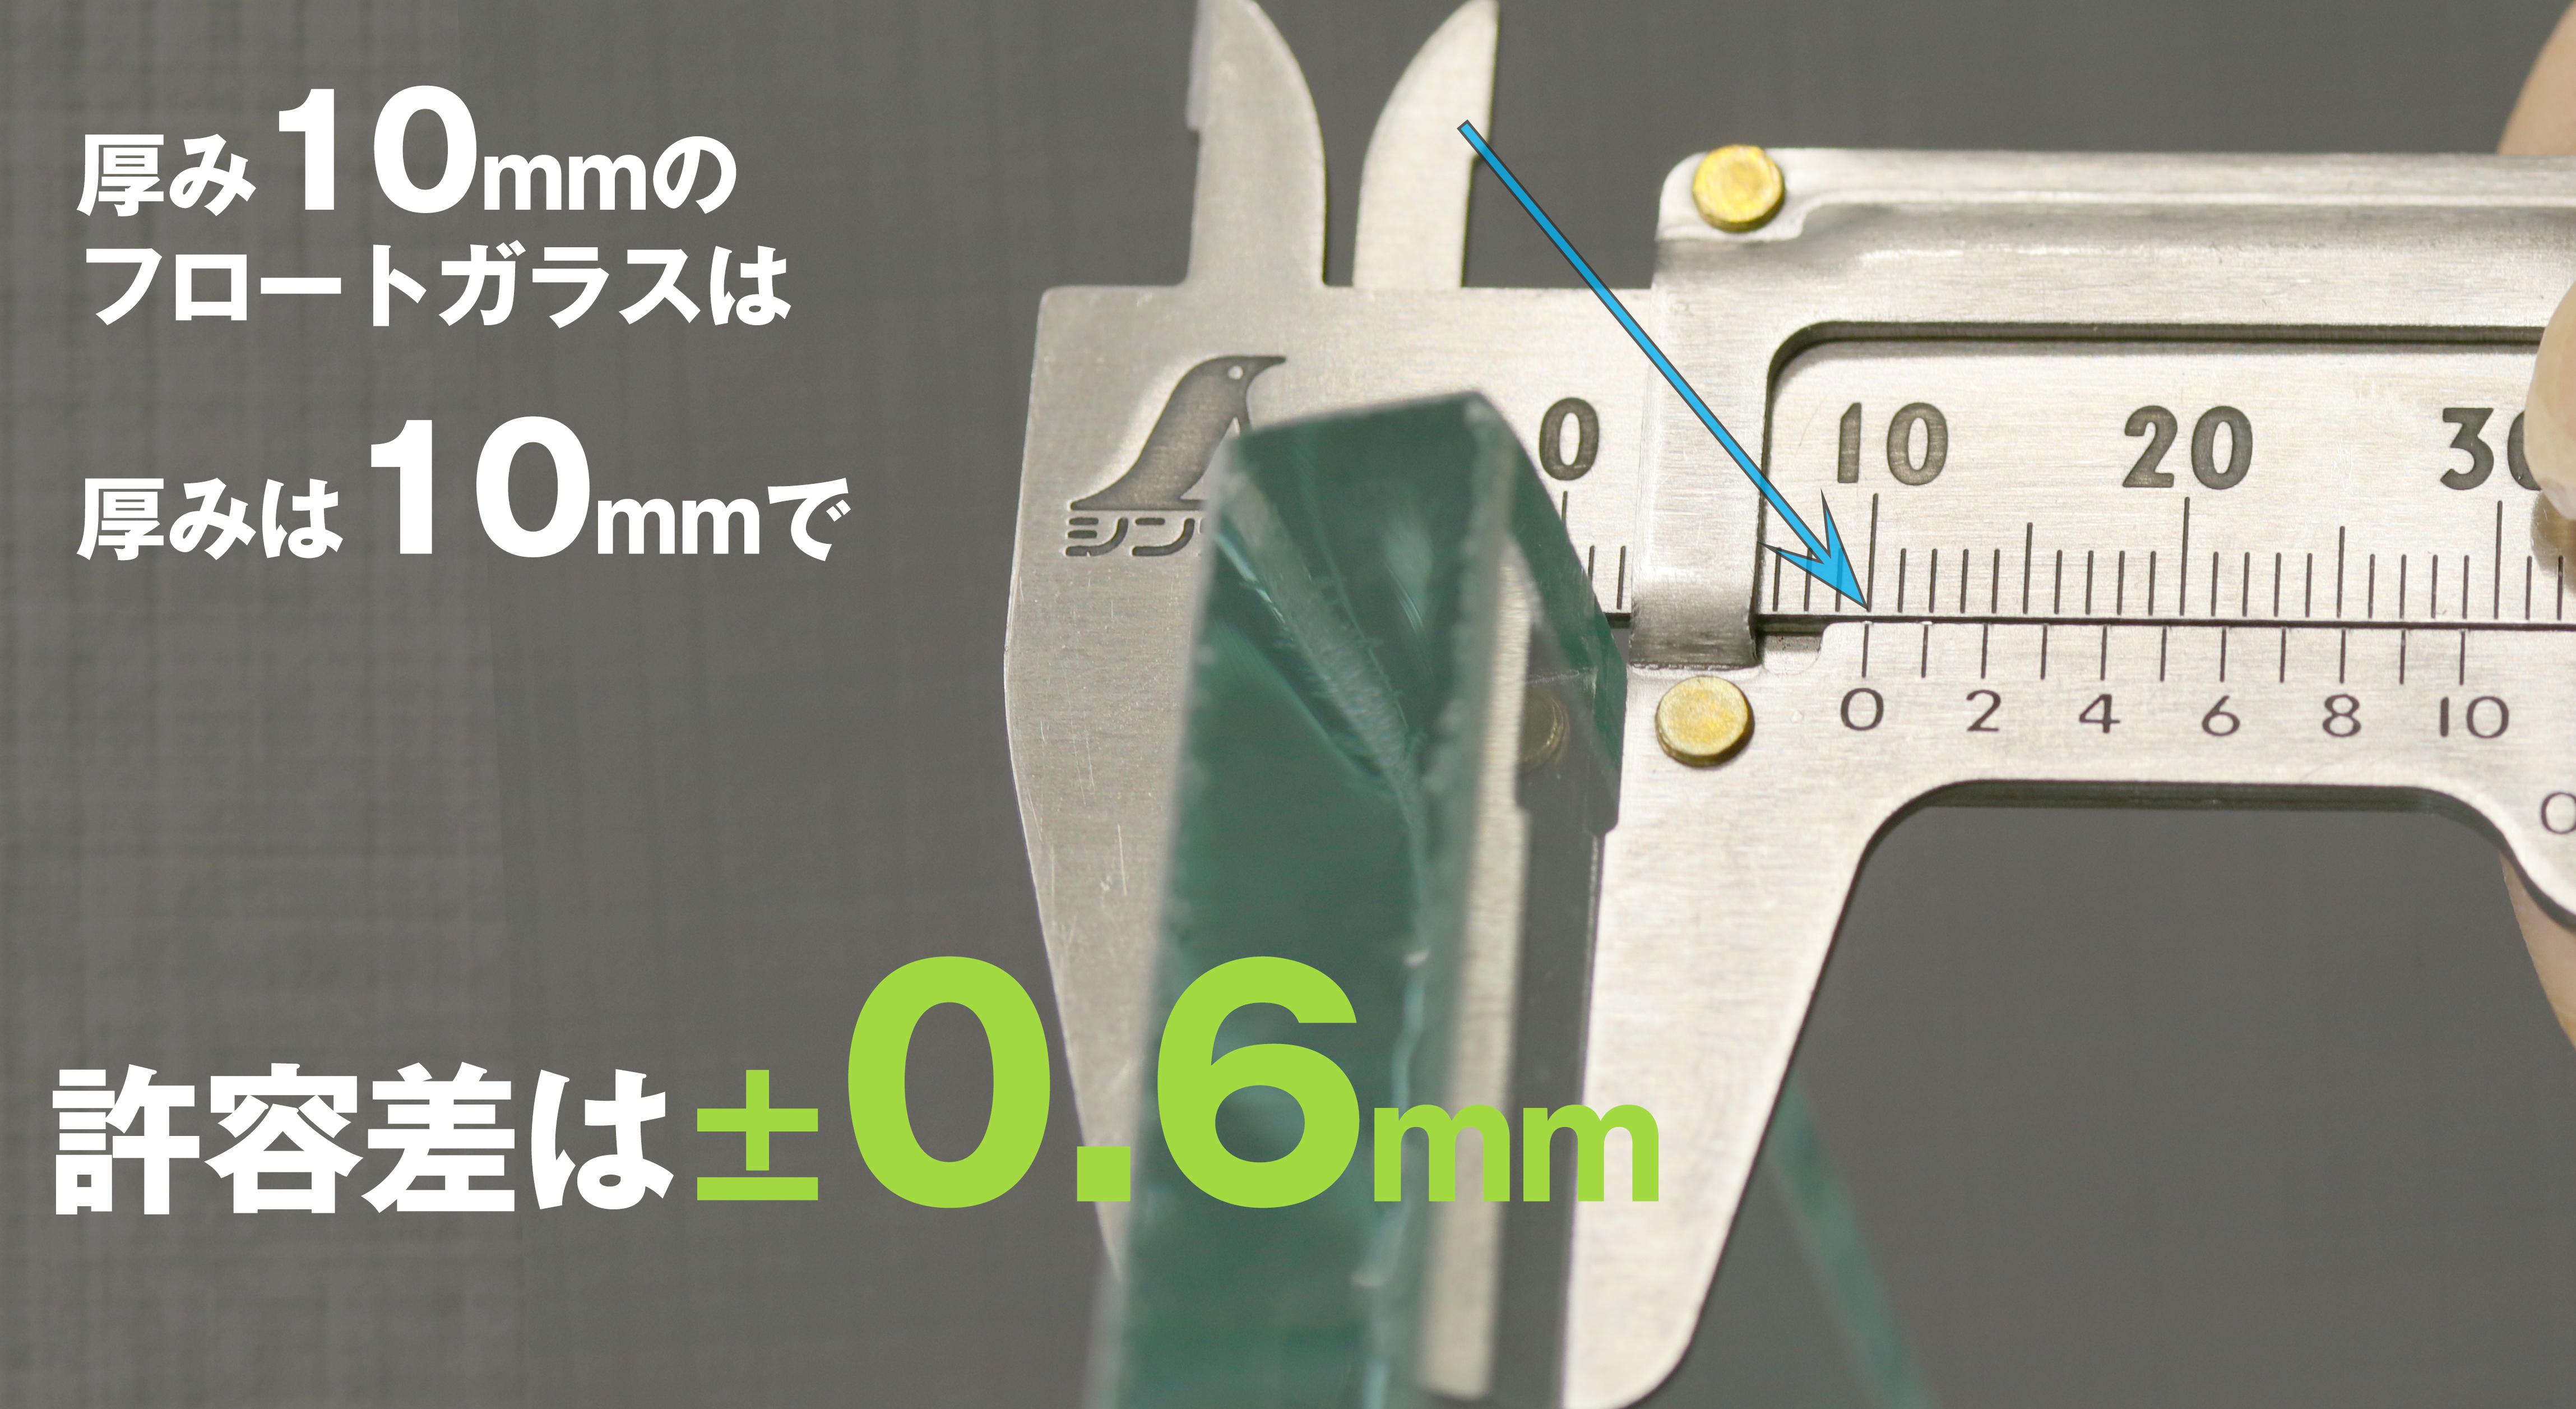 厚みが10mmのフロートガラスは厚み10mmで許容差は±0.6mm